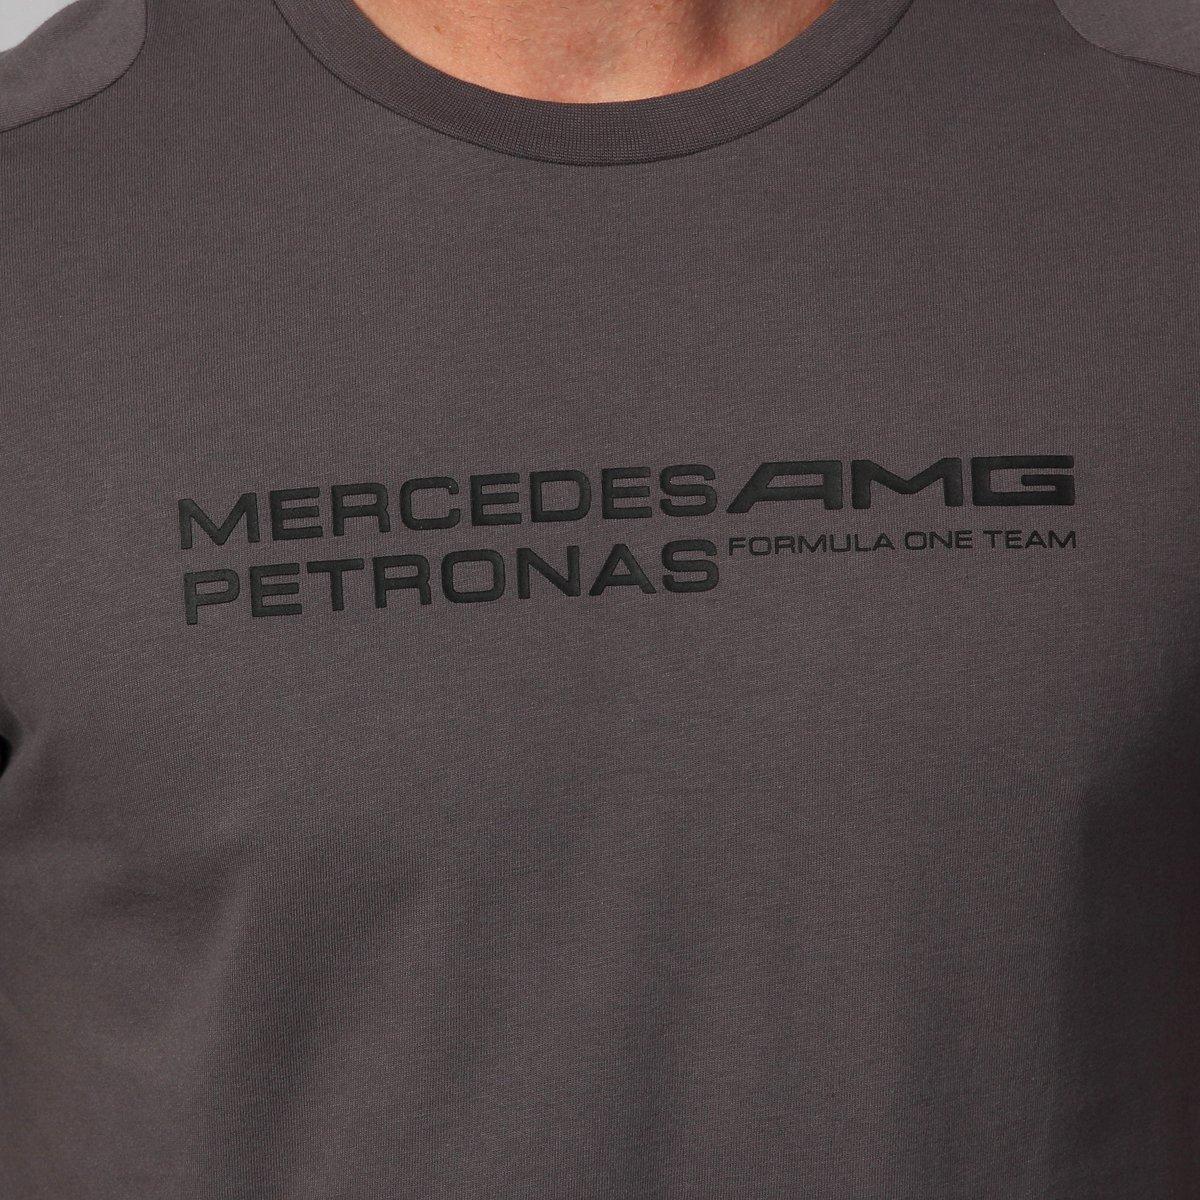 Camiseta Puma Mercedes AMG Petronas Logo - Compre Agora  ddd8af7b88134